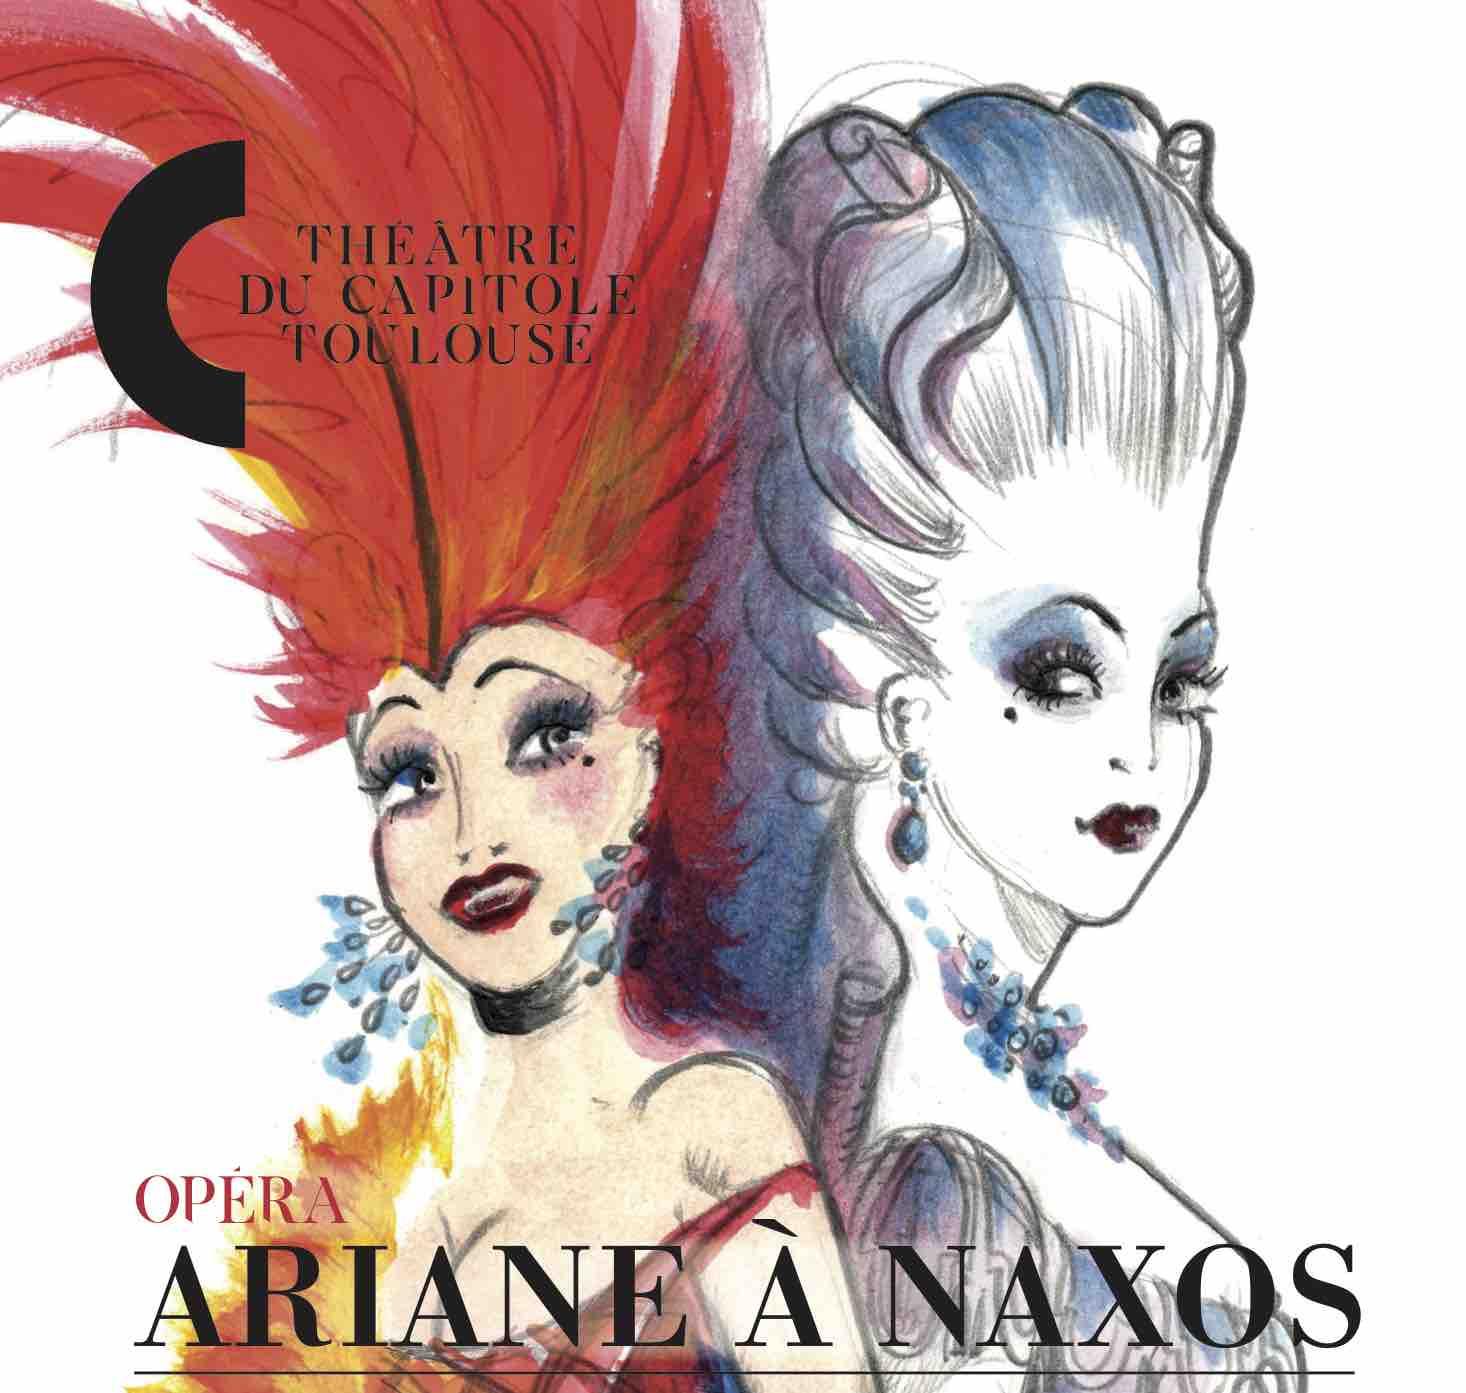 Archivé: «ARIANE A NAXOS» – THEATRE DU CAPITOLE / TOULOUSE